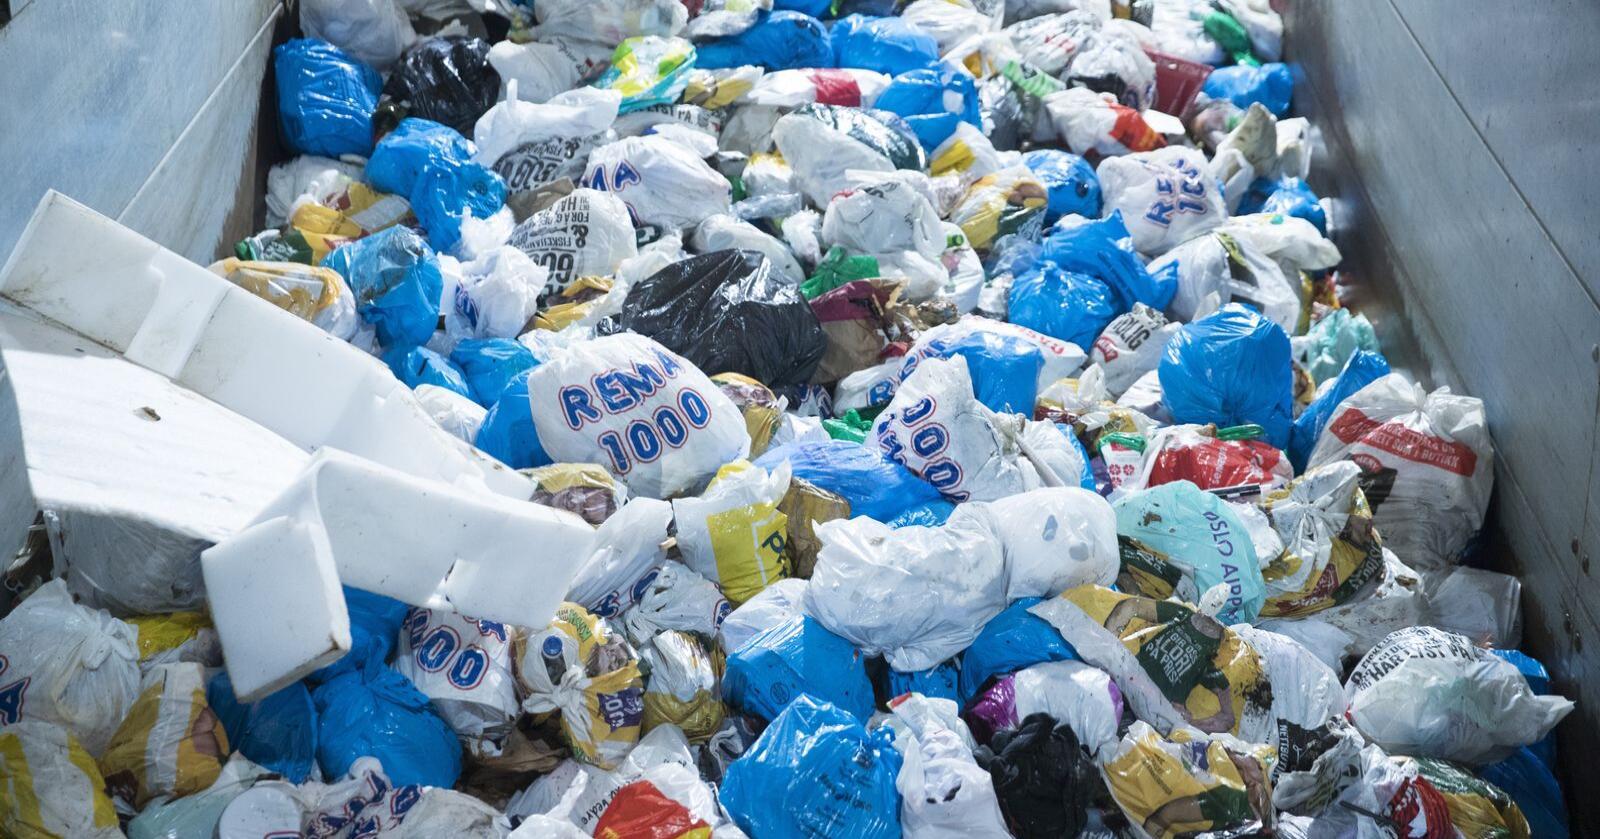 Aldri har oppslutninga rundt kjeldesortering av plastemballasje vore høgare enn dei to siste månadene. Foto: Terje Pedersen / NTB scanpix / NPK